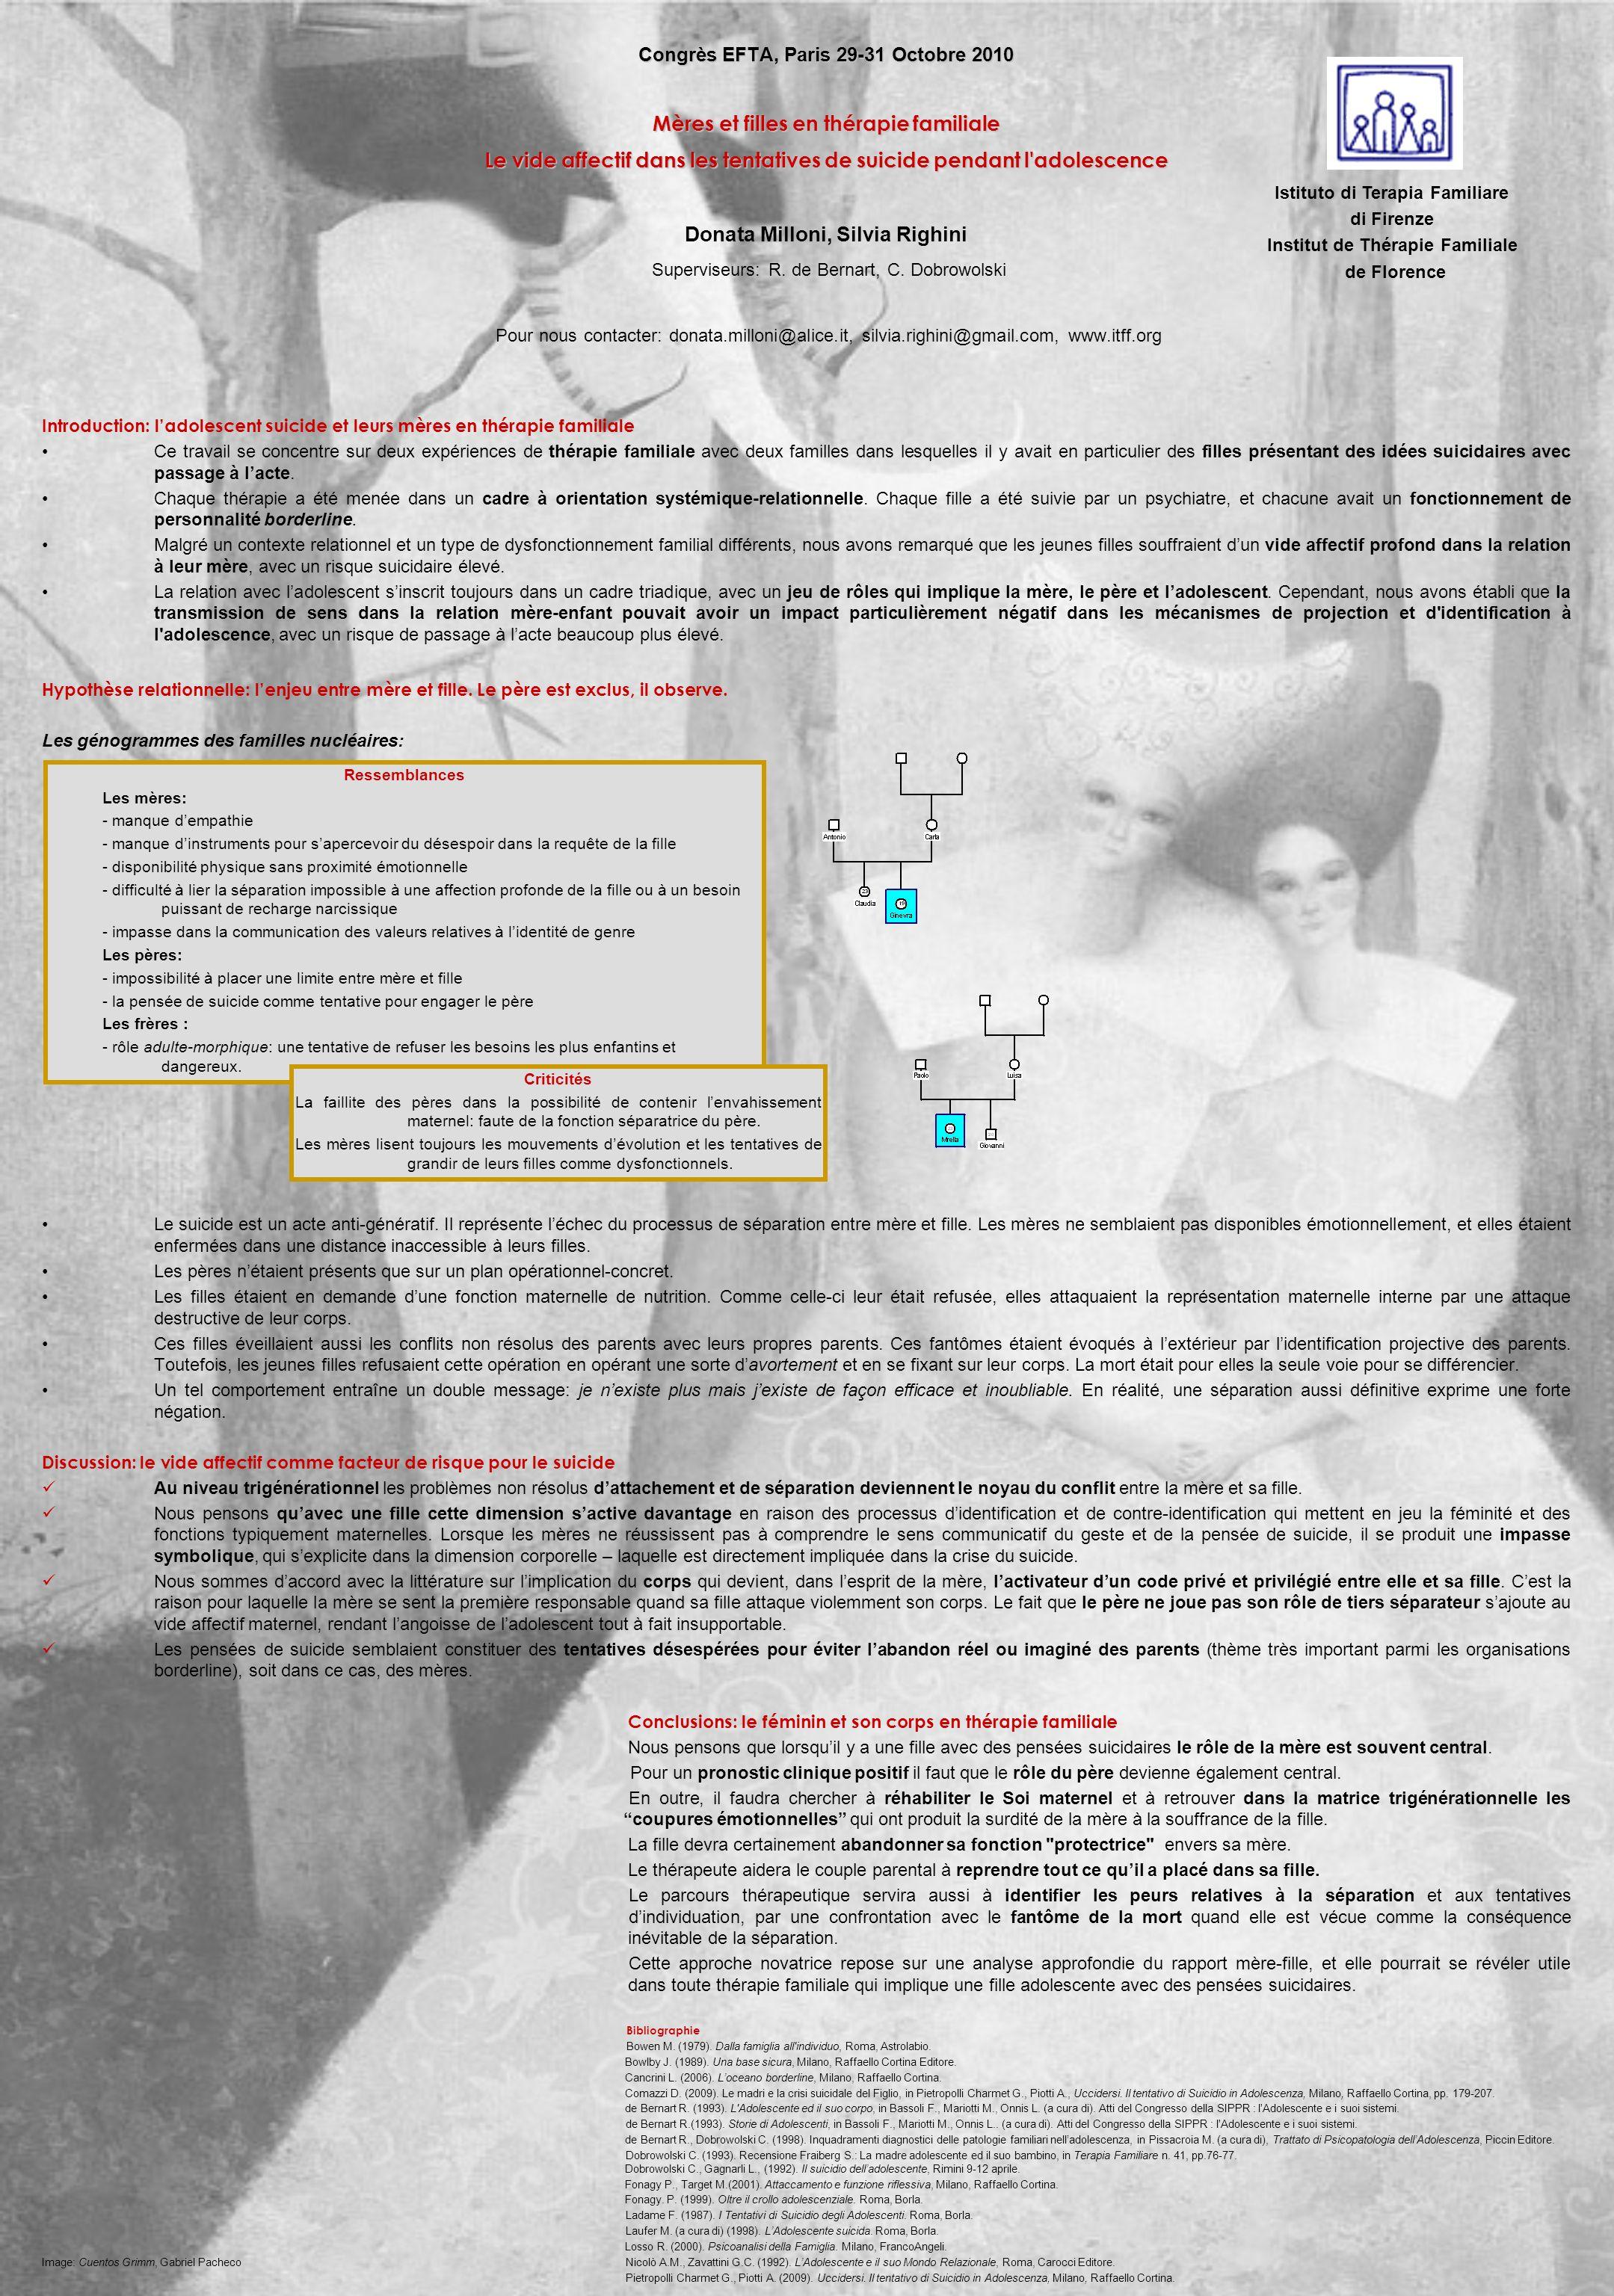 Congrès EFTA, Paris 29-31 Octobre 2010 Mères et filles en thérapie familiale Le vide affectif dans les tentatives de suicide pendant l adolescence Congrès EFTA, Paris 29-31 Octobre 2010 Mères et filles en thérapie familiale Le vide affectif dans les tentatives de suicide pendant l adolescence Donata Milloni, Silvia Righini Superviseurs: R.